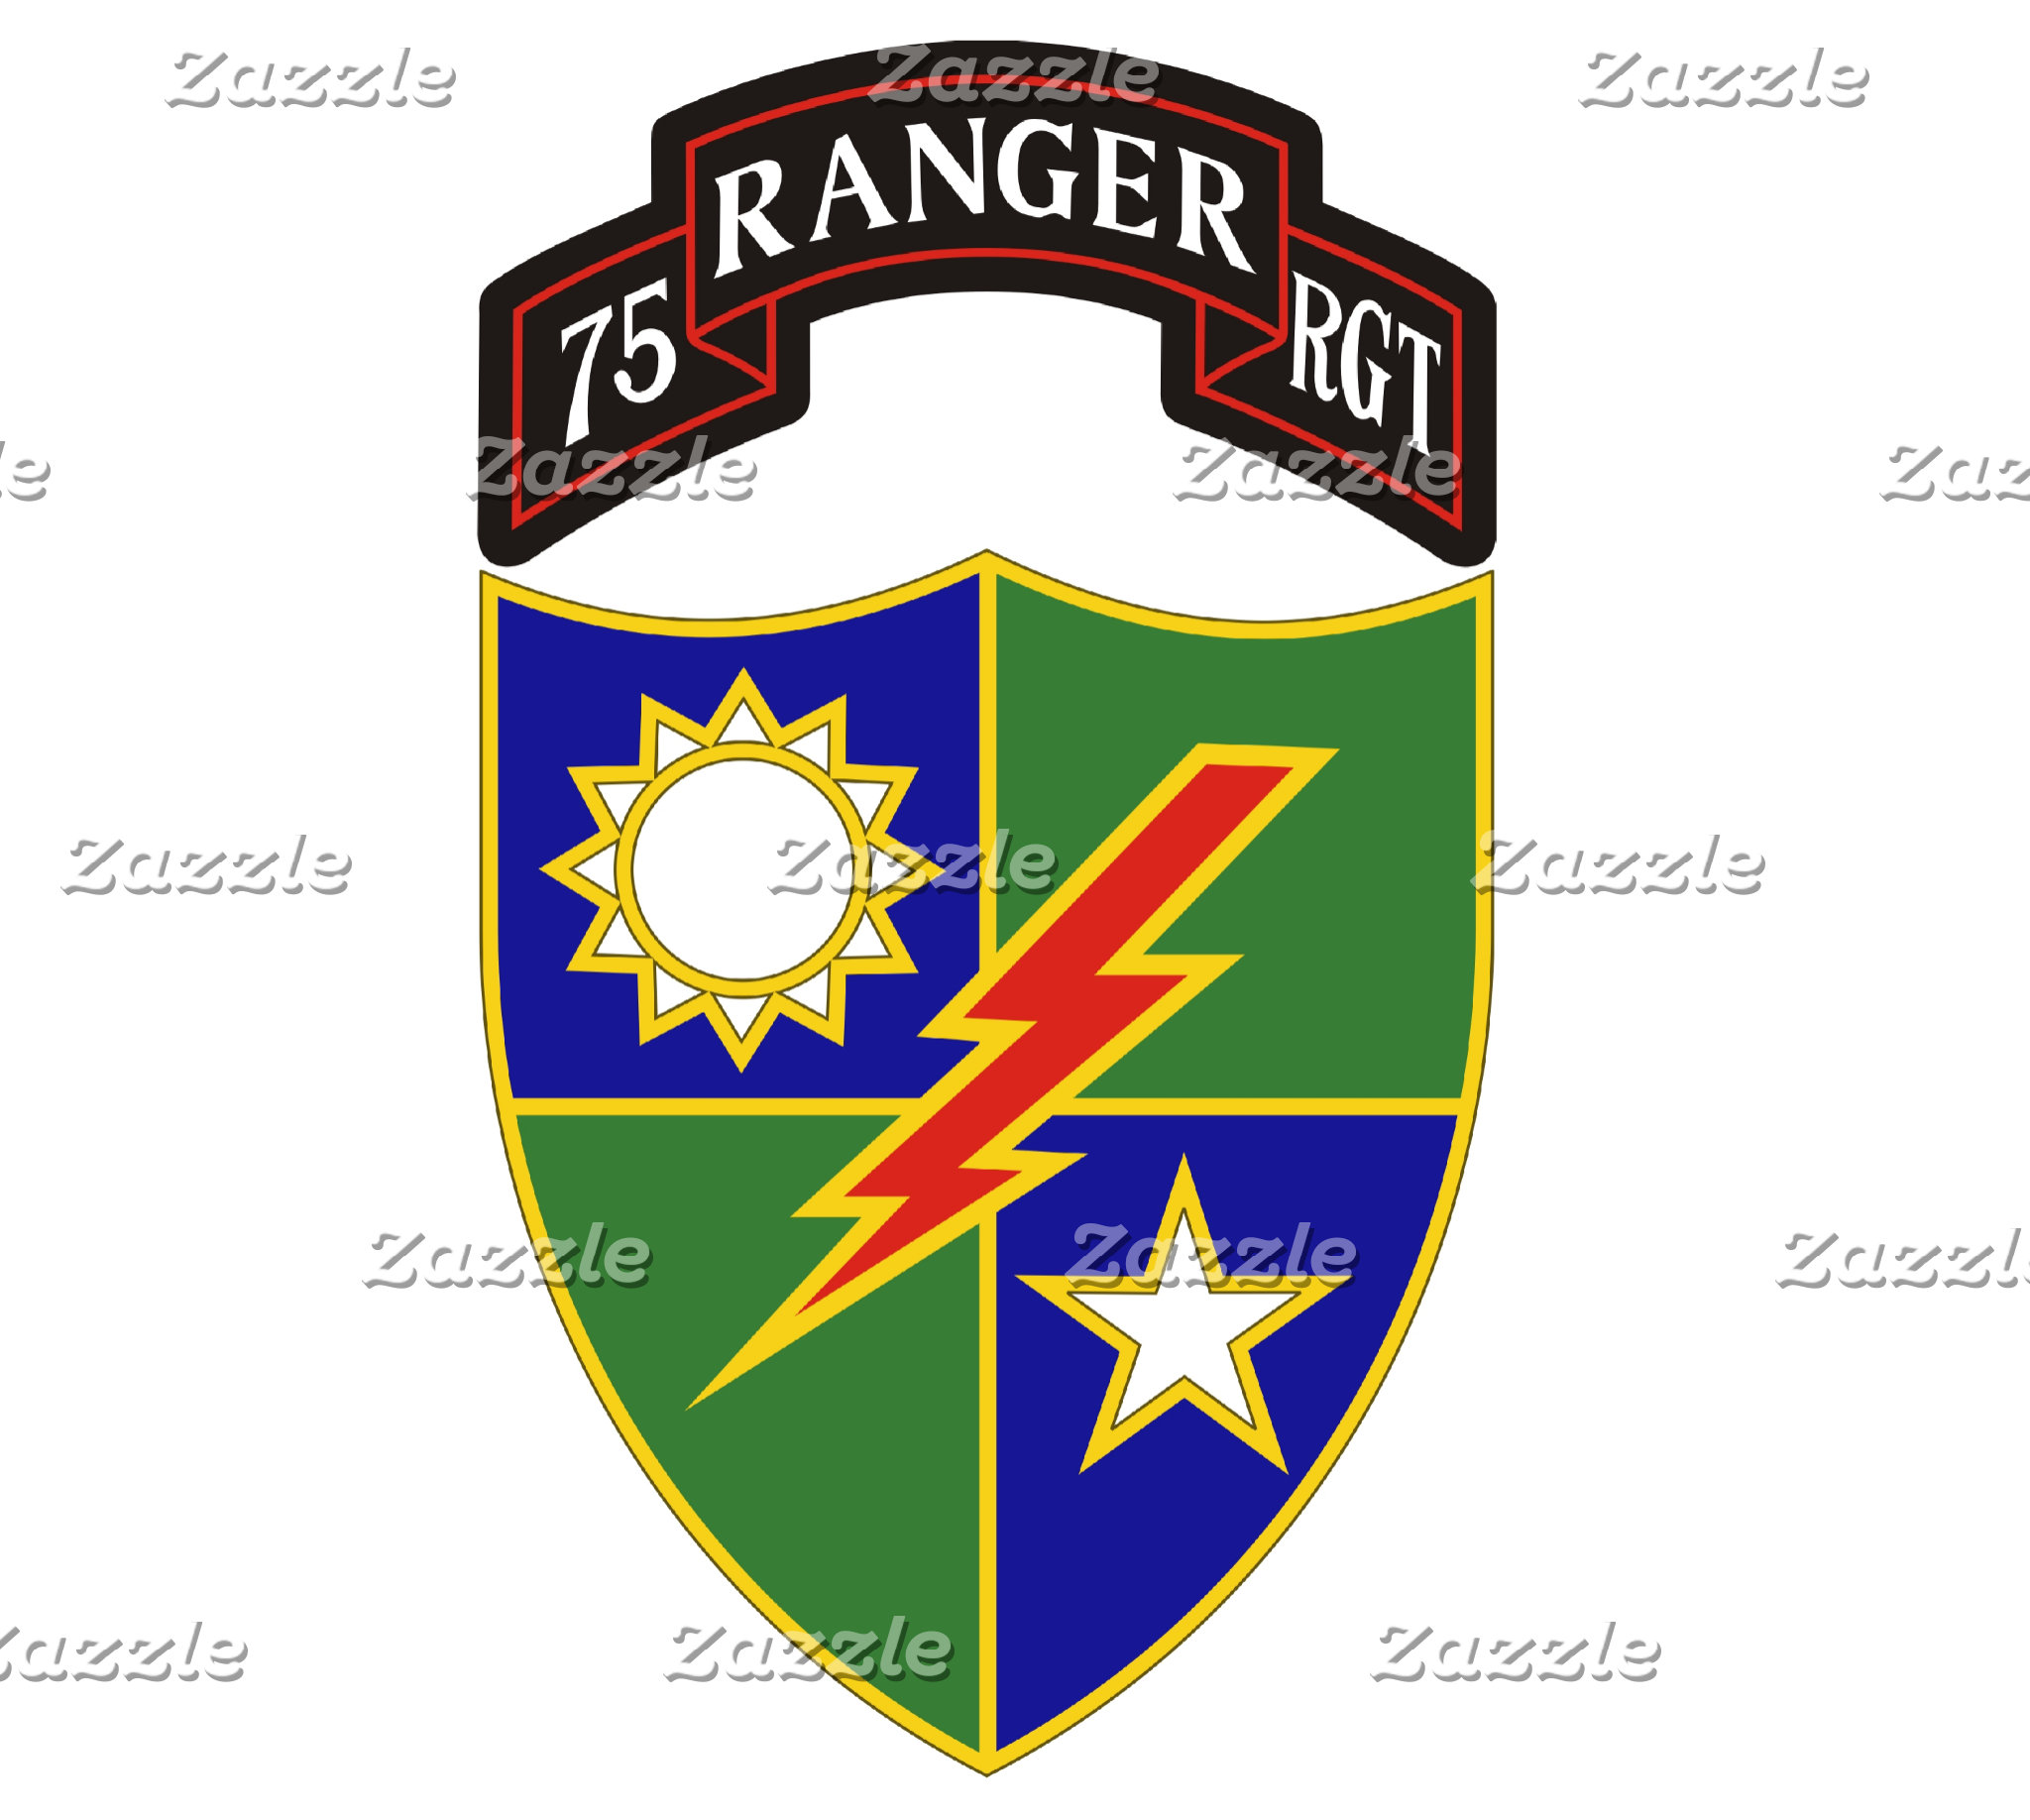 75th Ranger Regiment